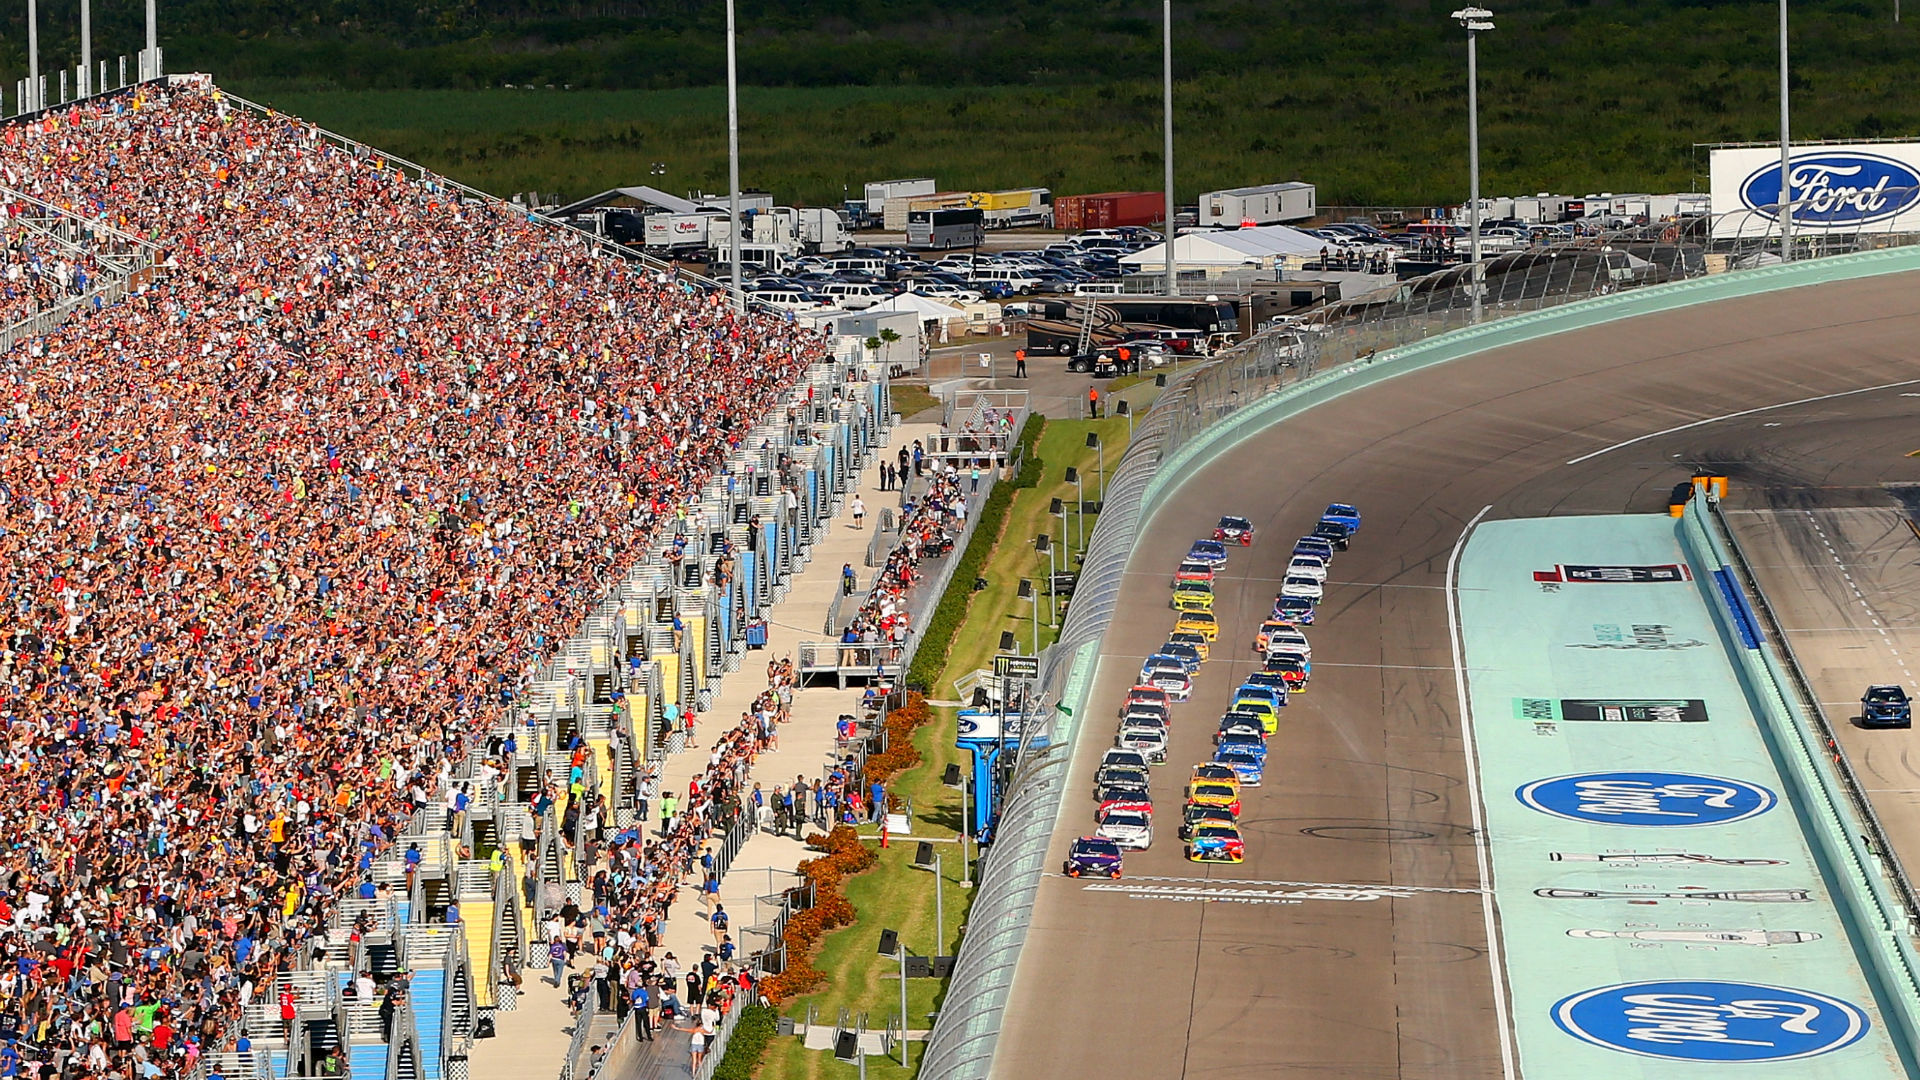 Nuevo calendario de NASCAR para 2020: seguimiento de carreras canceladas y pospuestas mientras continúa la pandemia de coronavirus 1